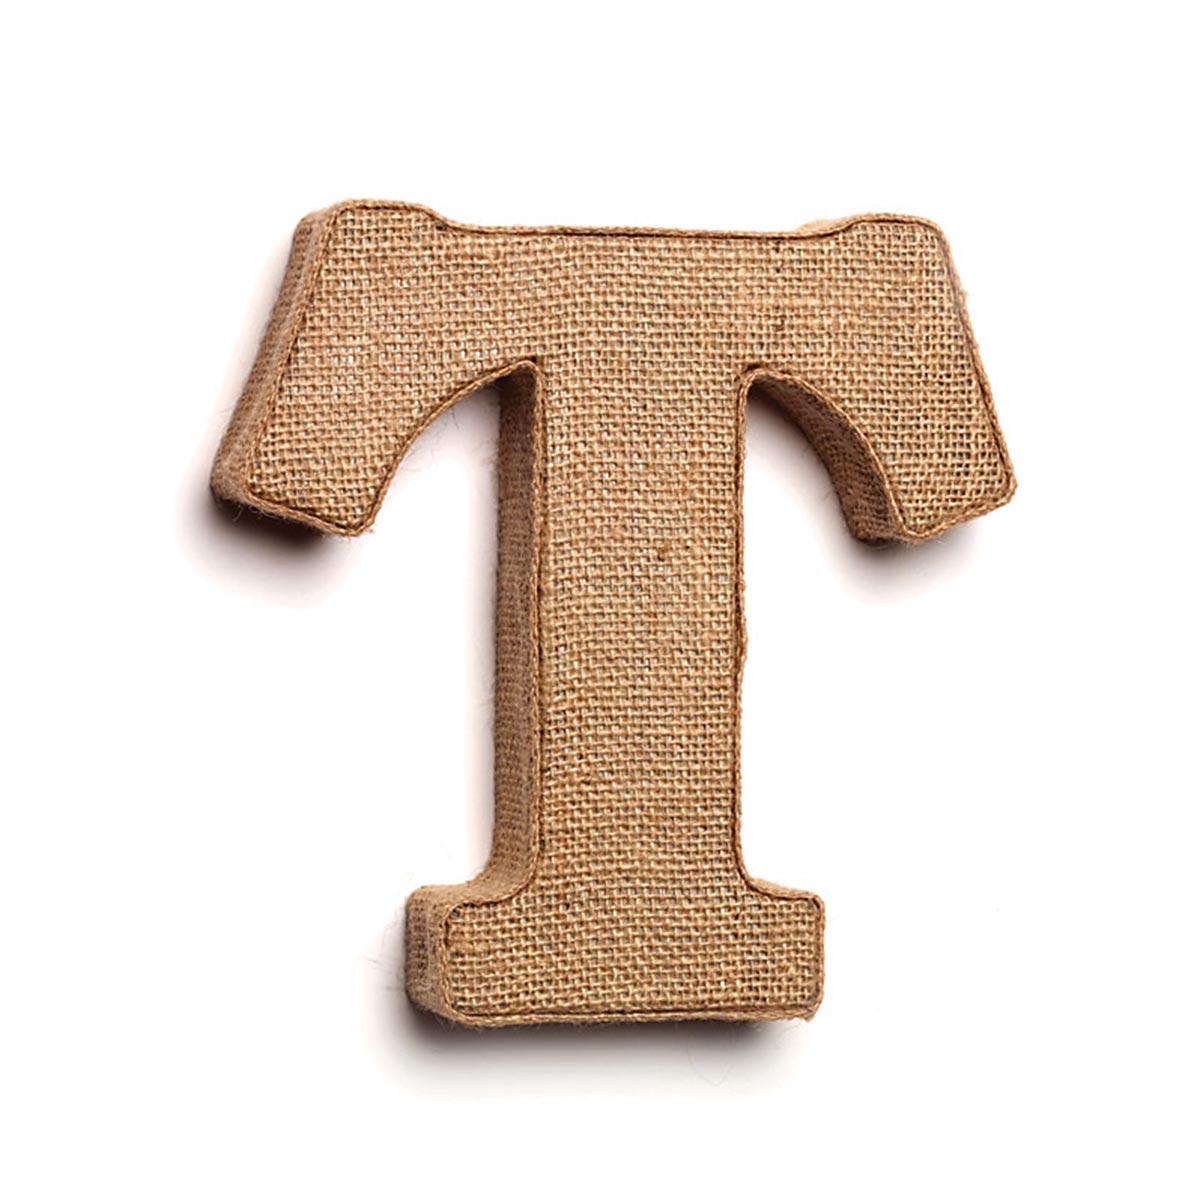 Decorative Burlap Letters - T